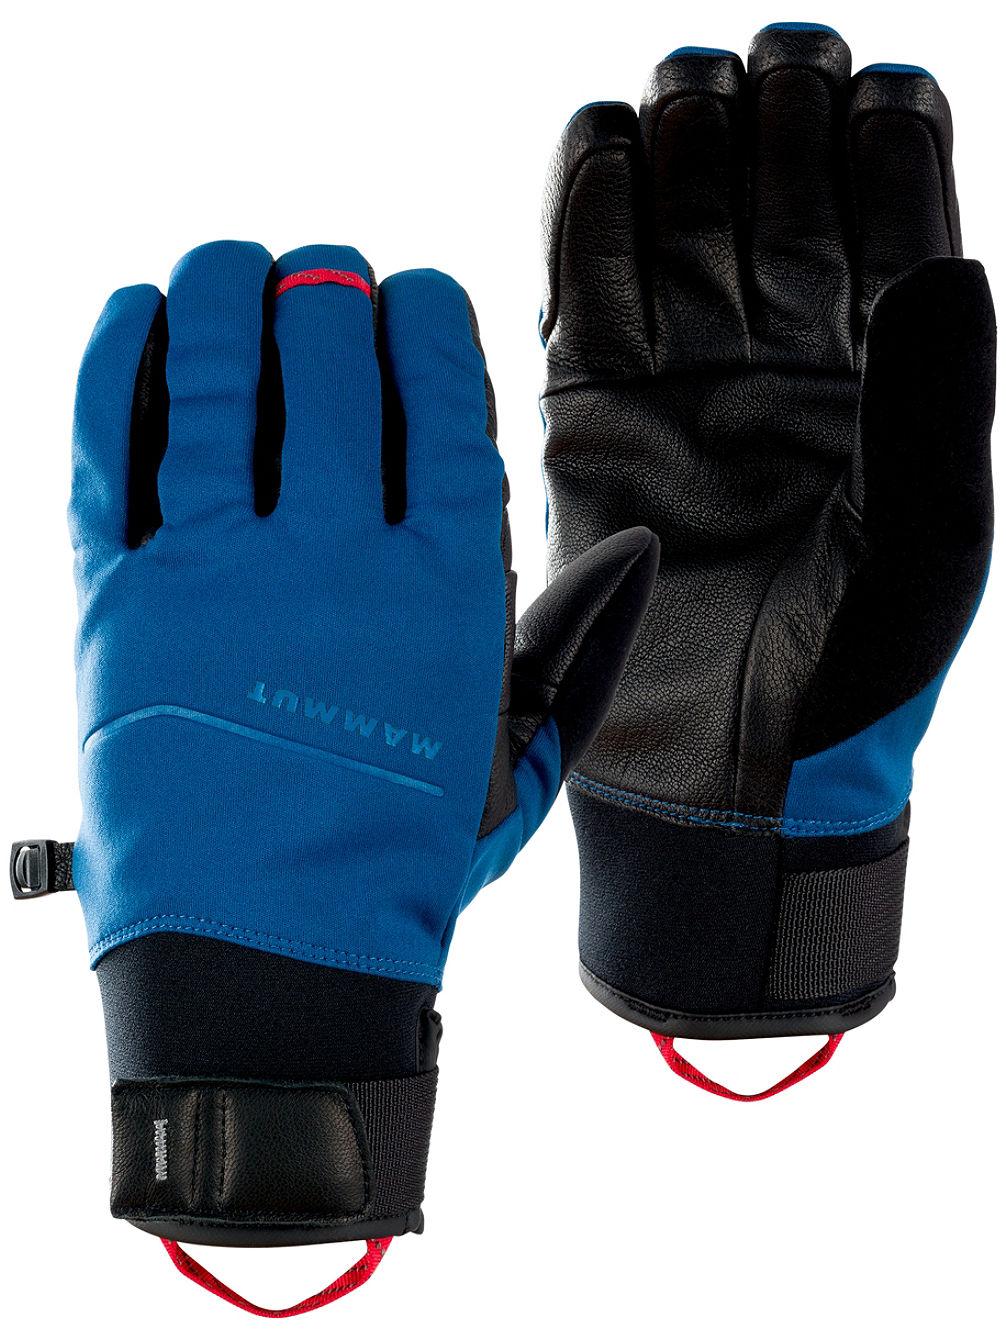 lekker goedkoop 100% authentiek goedkoop kopen Astro Guide Handschoenen